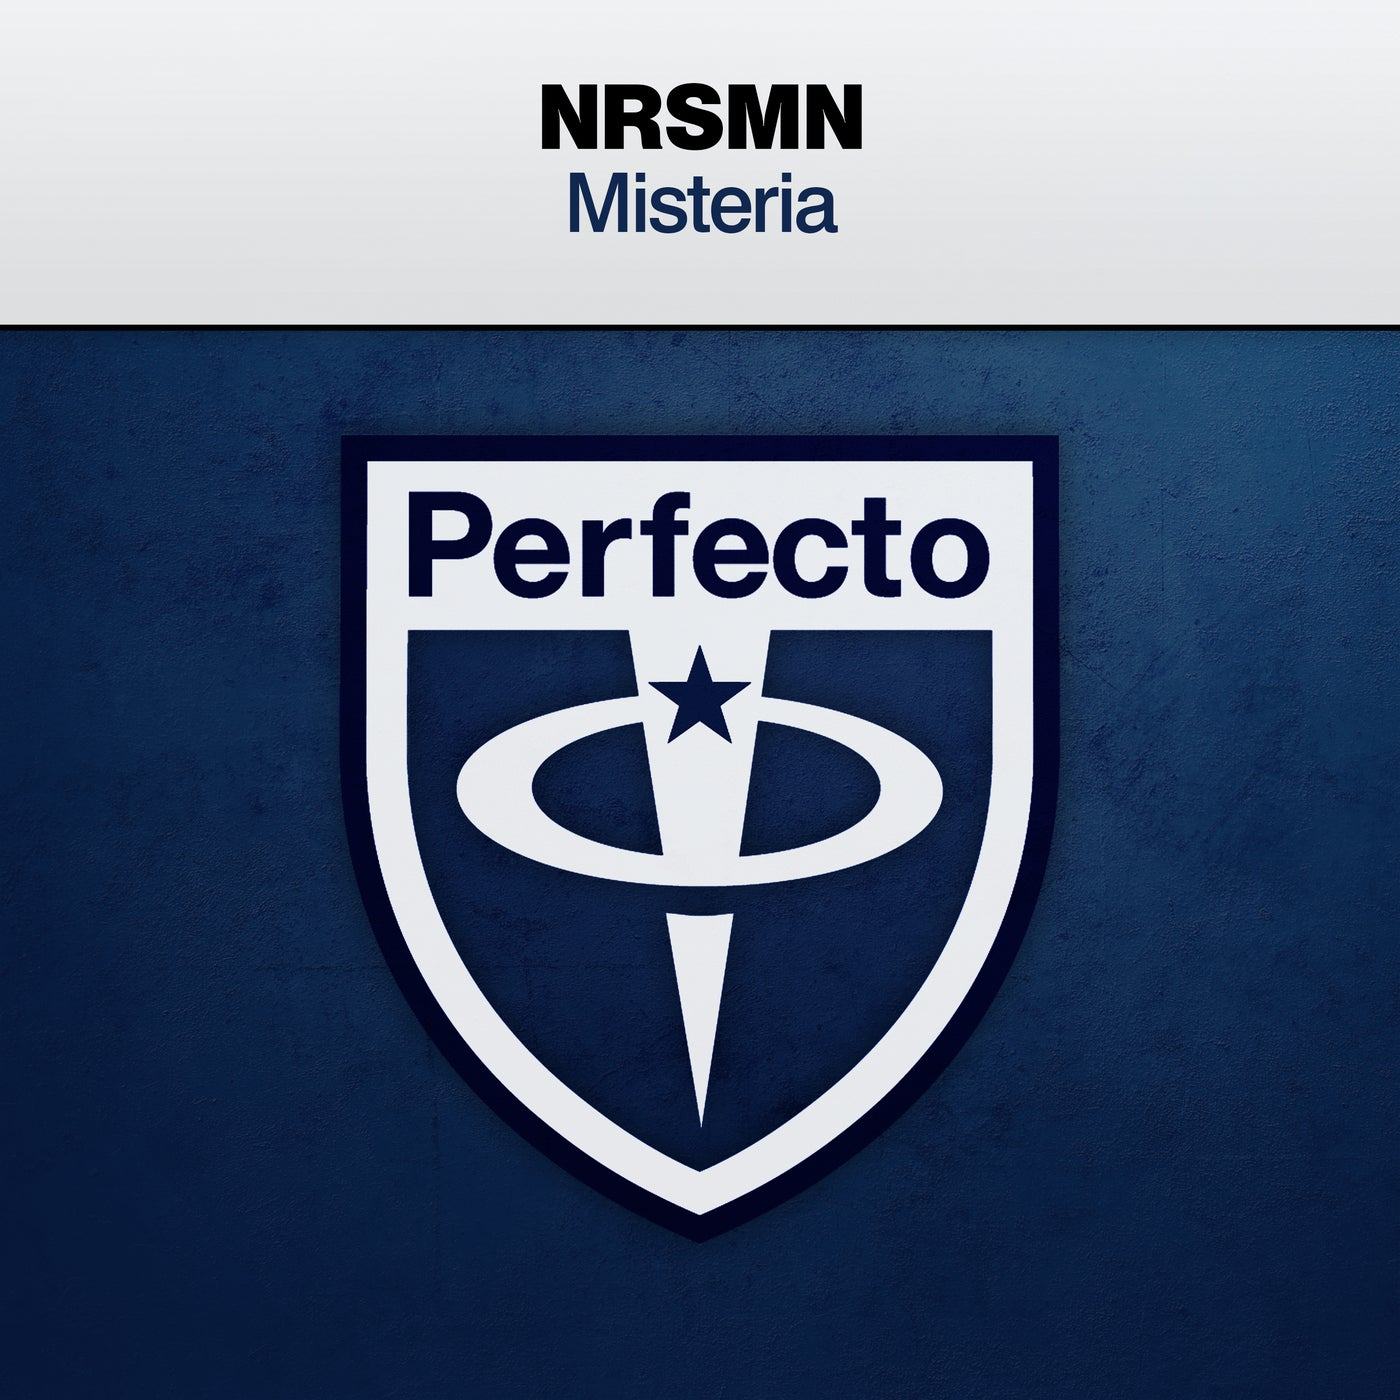 دانلود آهنگ NRSMN MISTERIA EXTENDED MIX